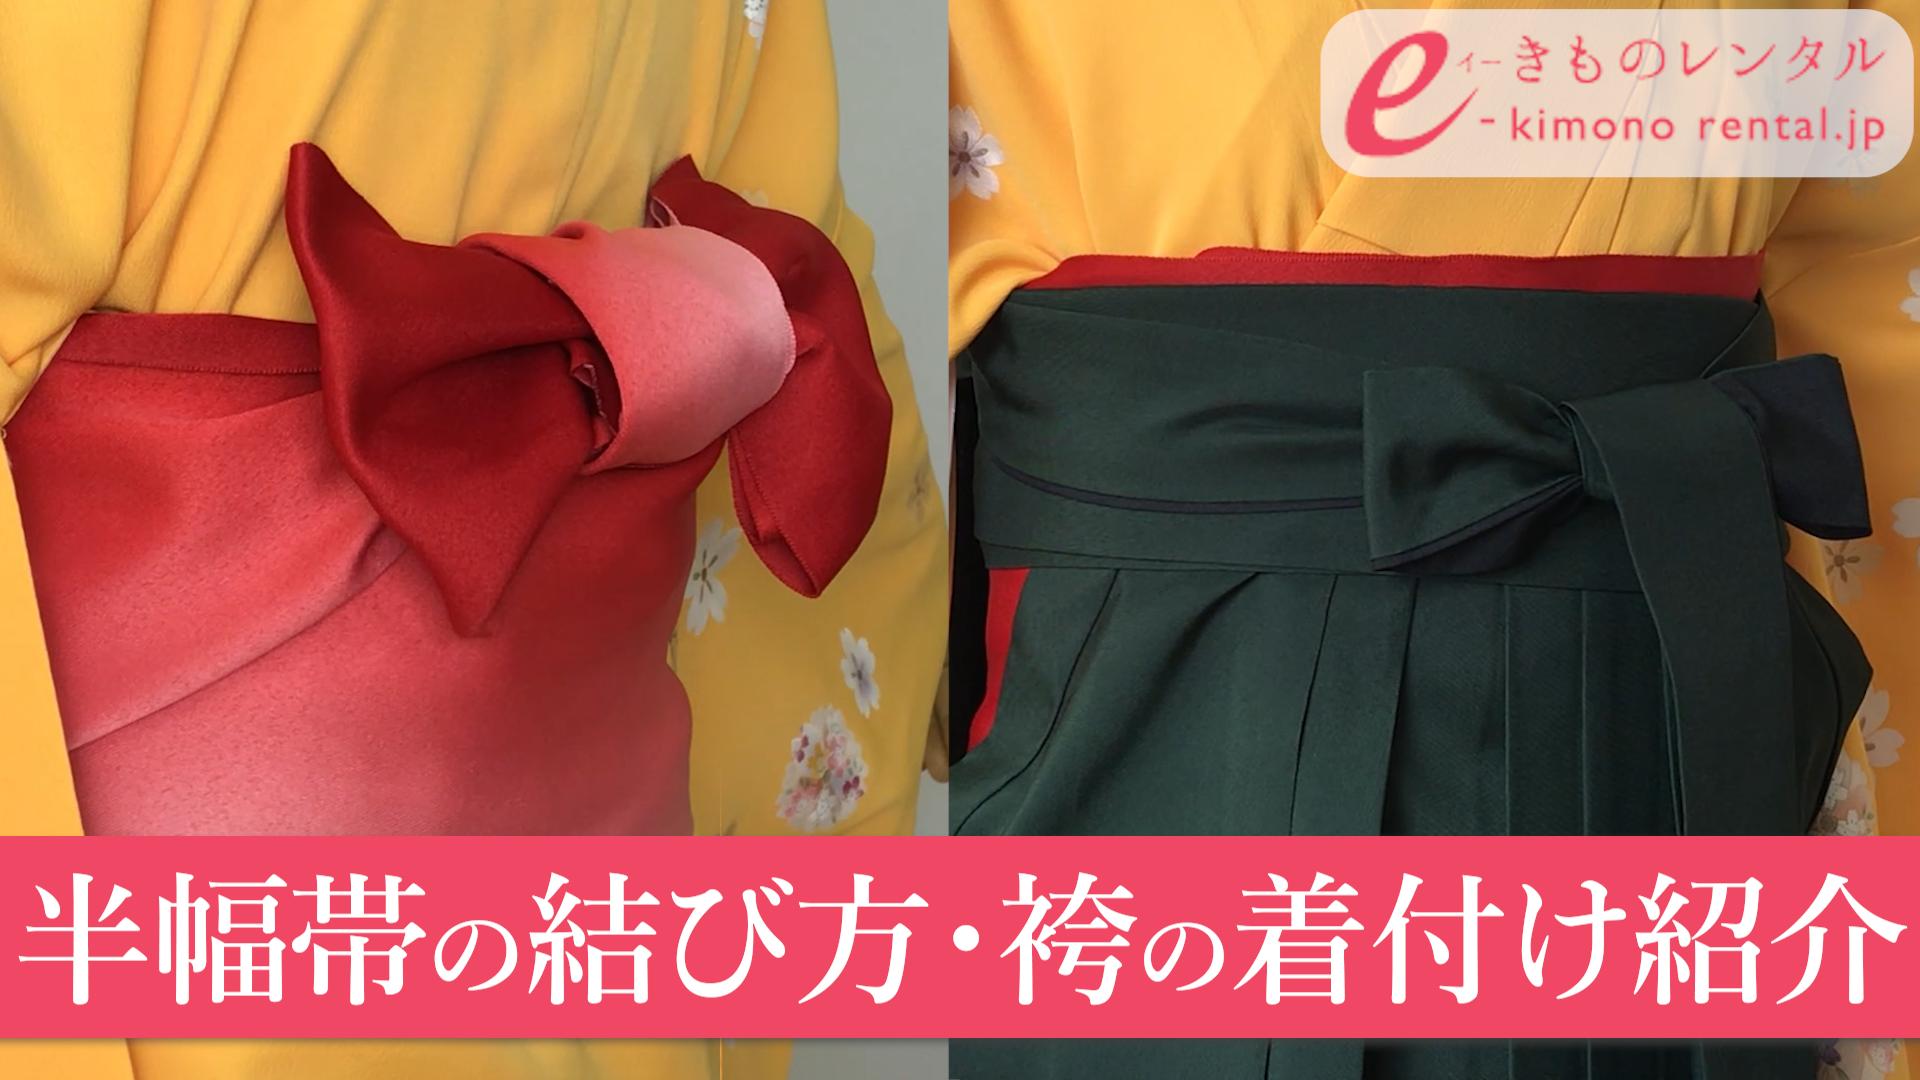 半幅帯の結び方と袴の着付け方紹介(動画での説明有り)